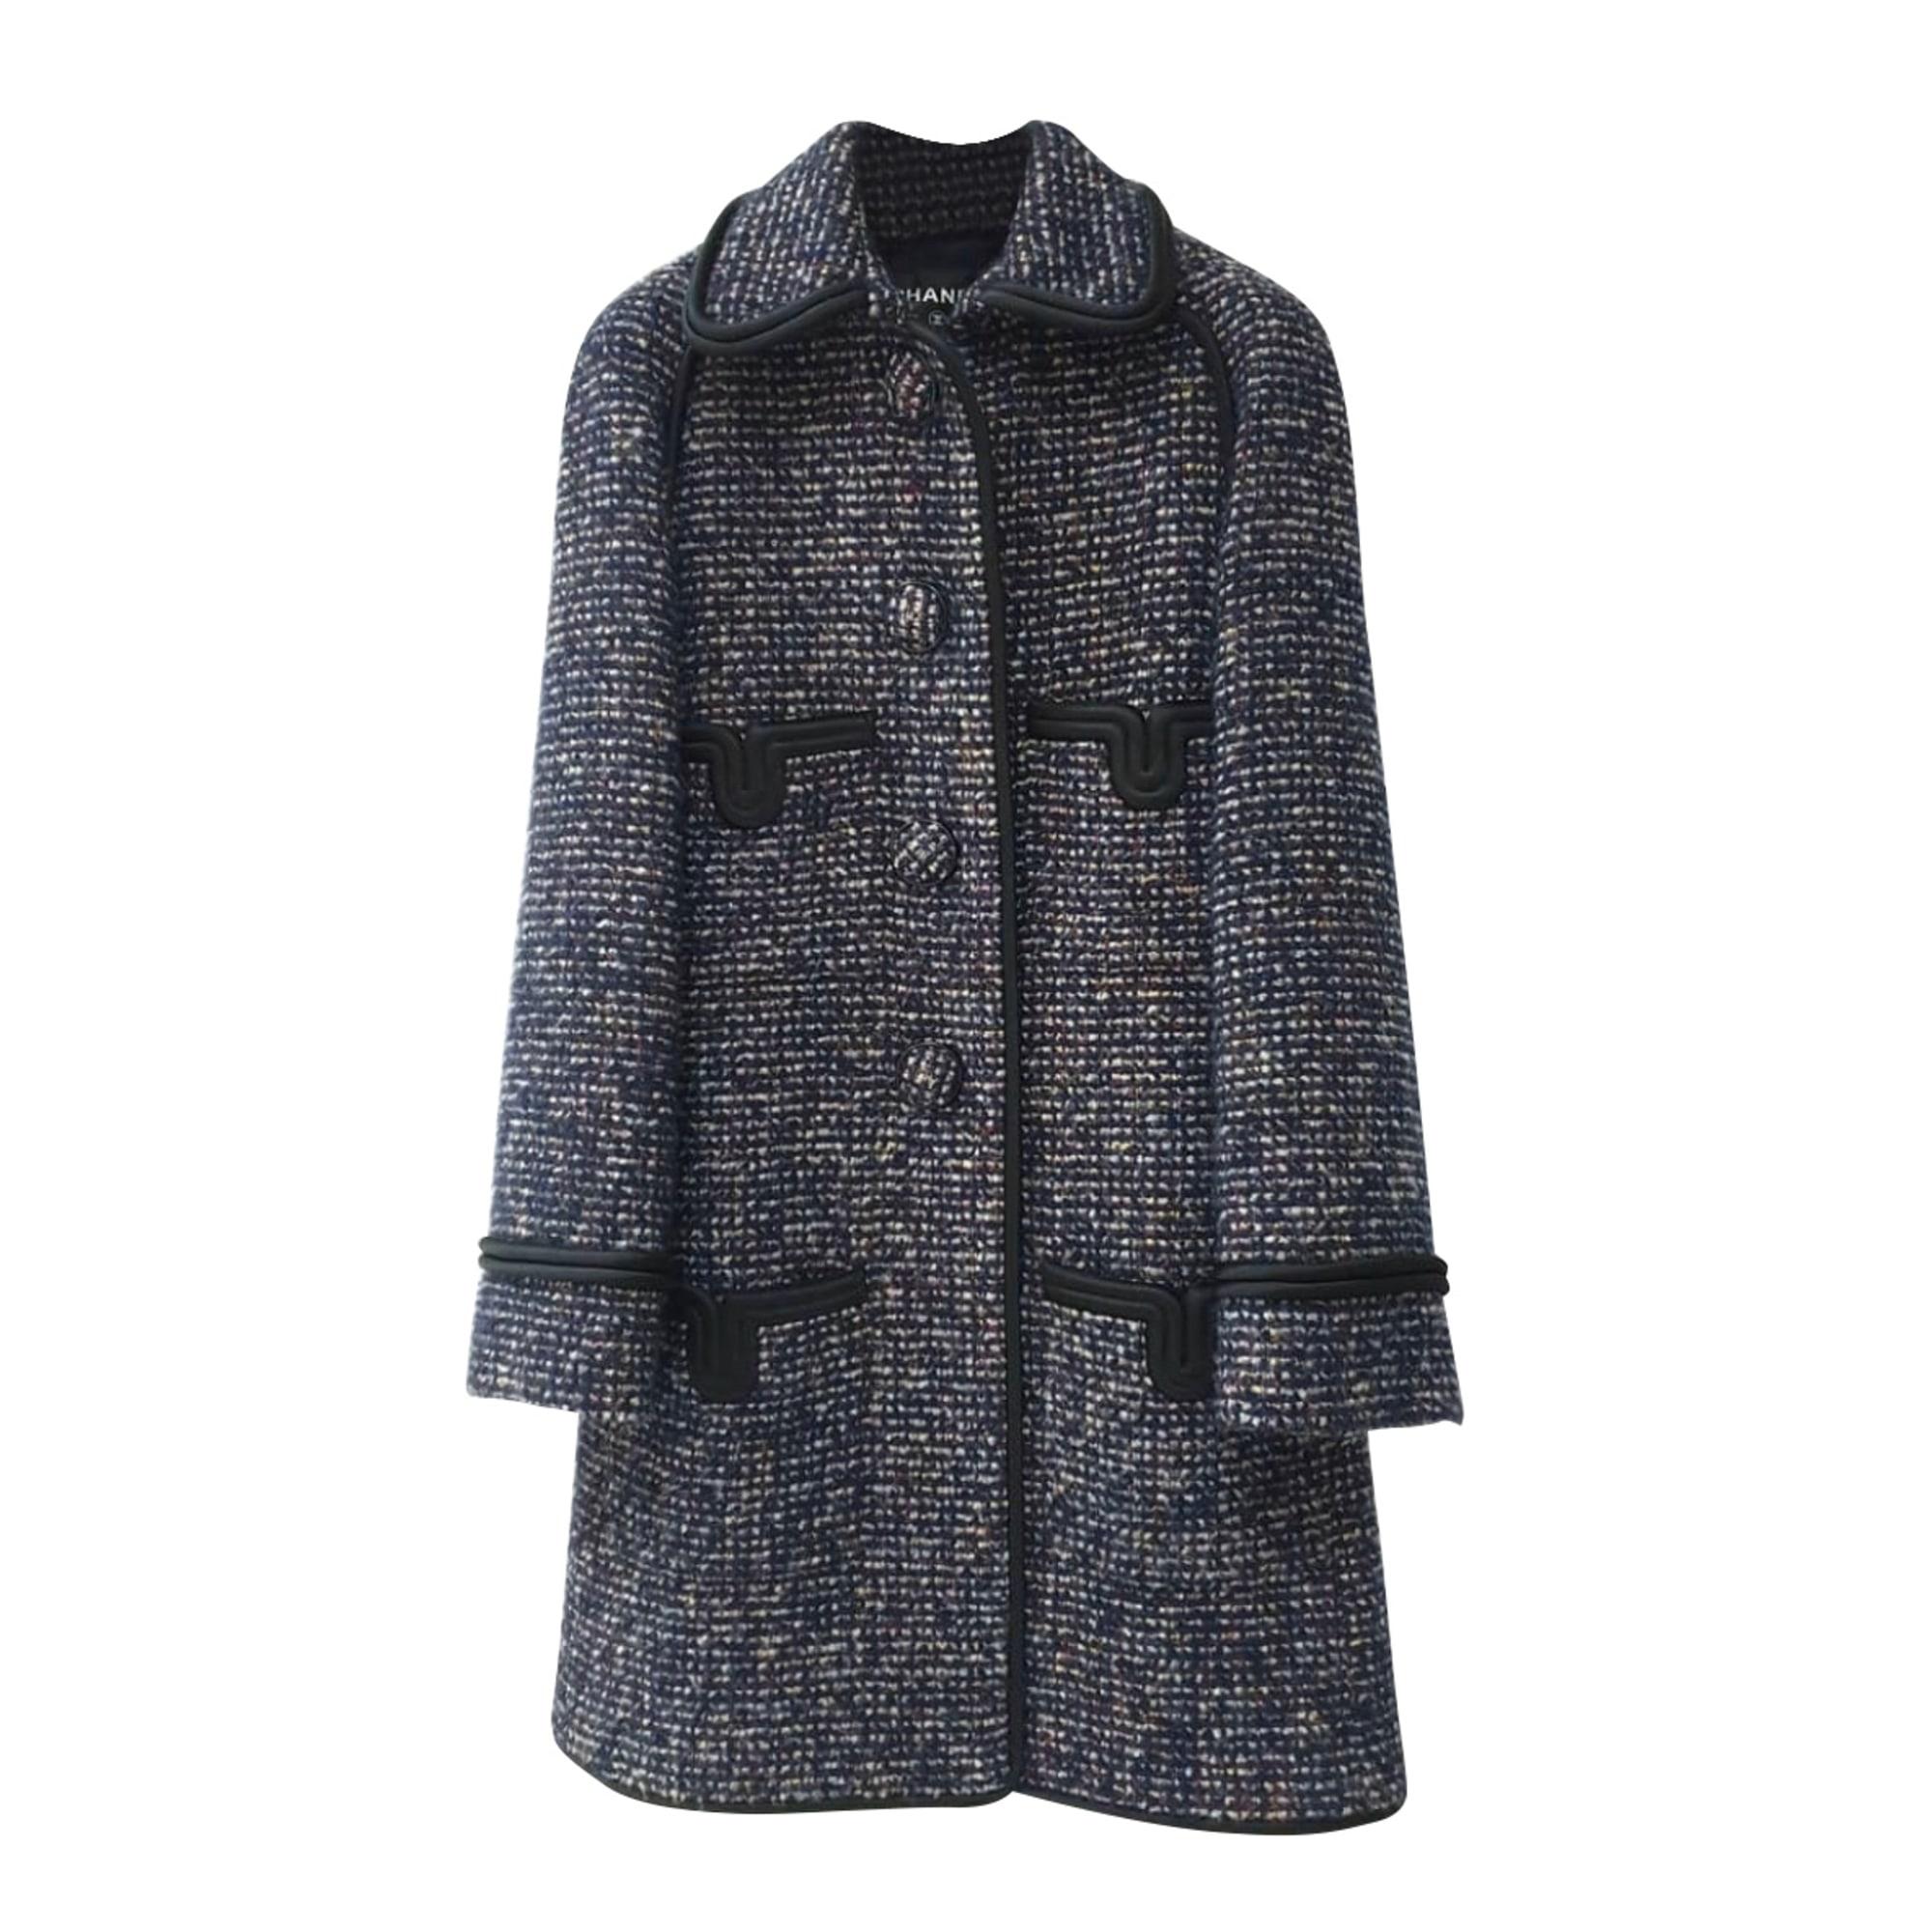 Manteau CHANEL Multicouleur